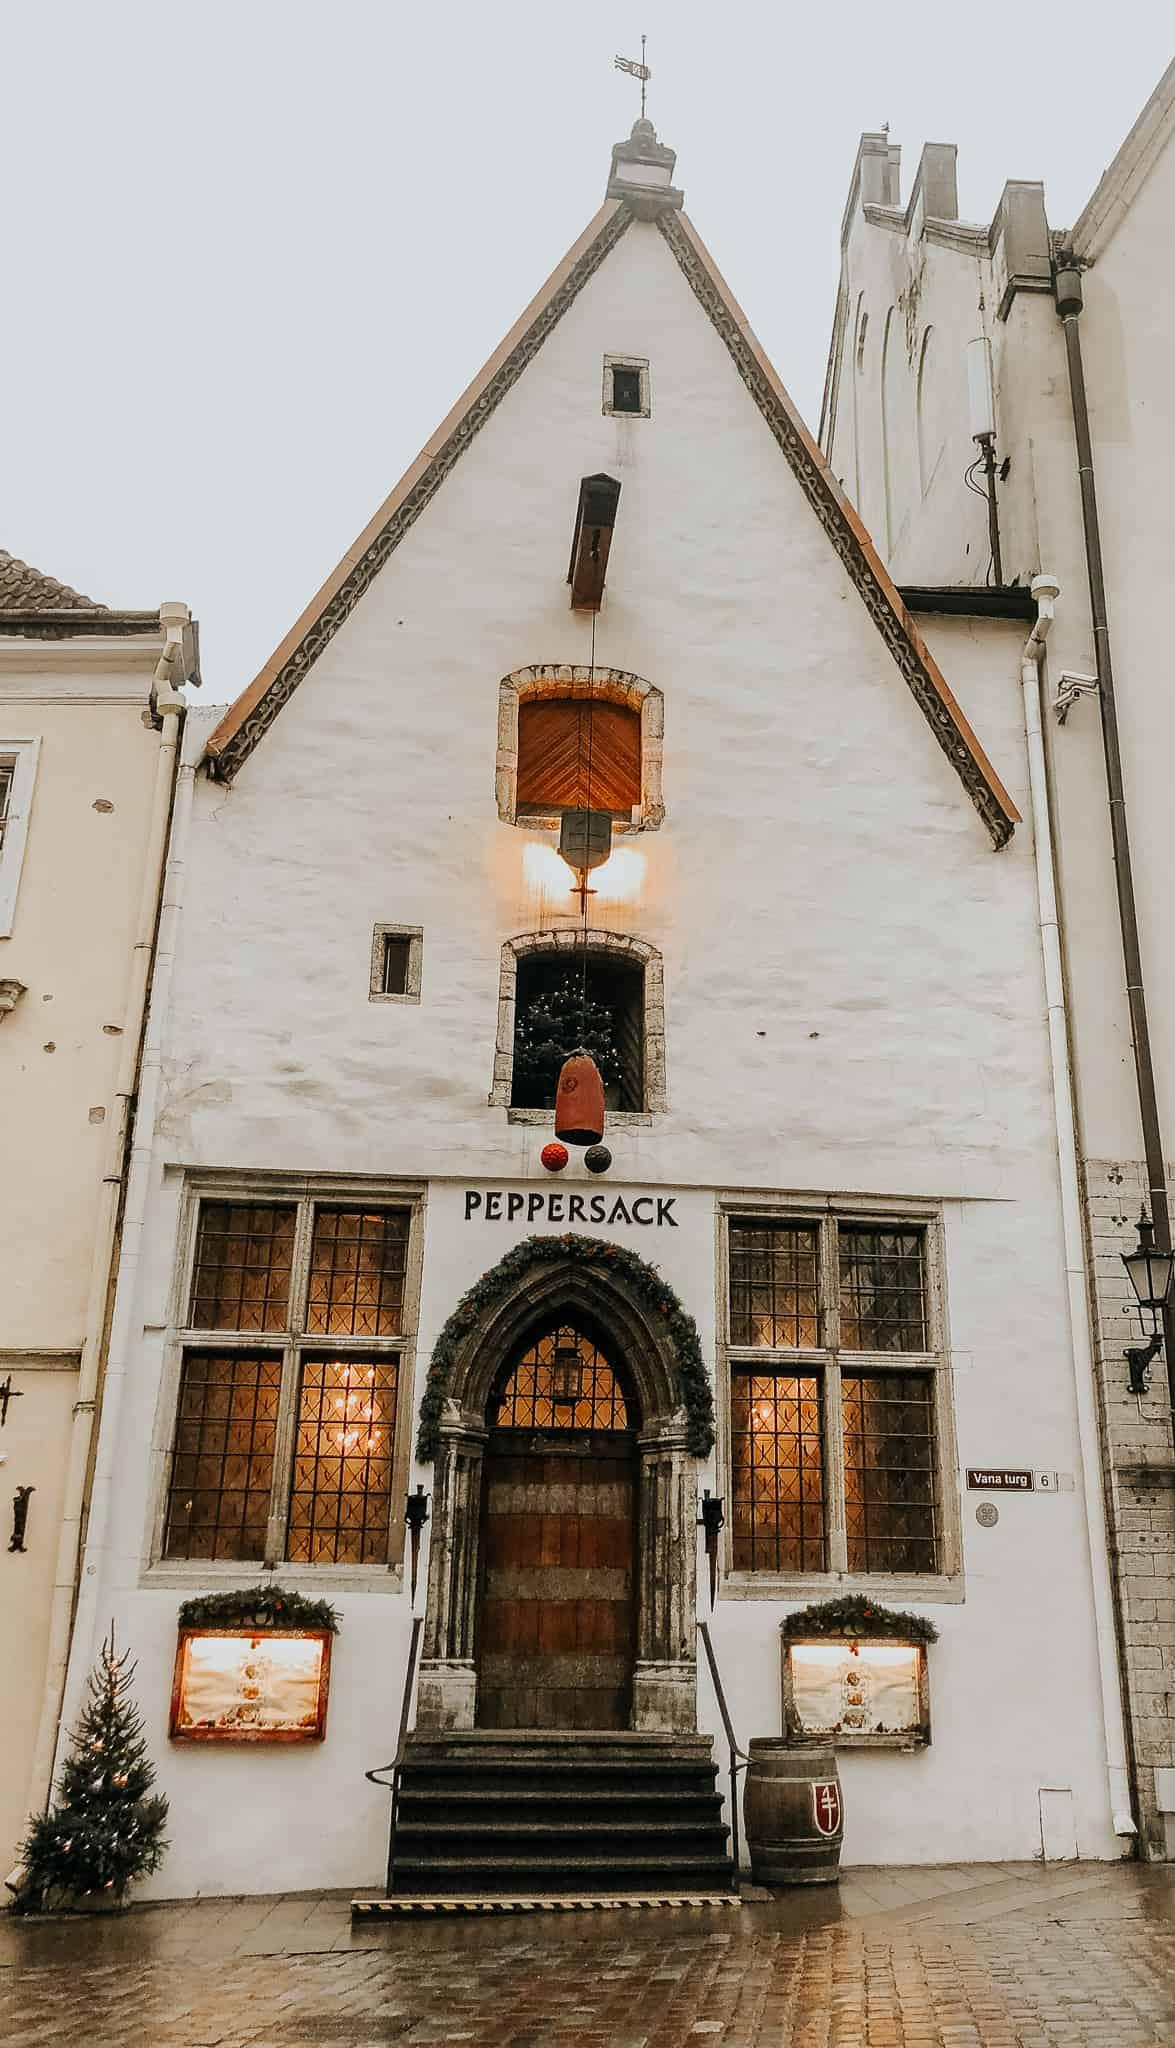 Local restaurant in Tallinn, The Pepper Sack